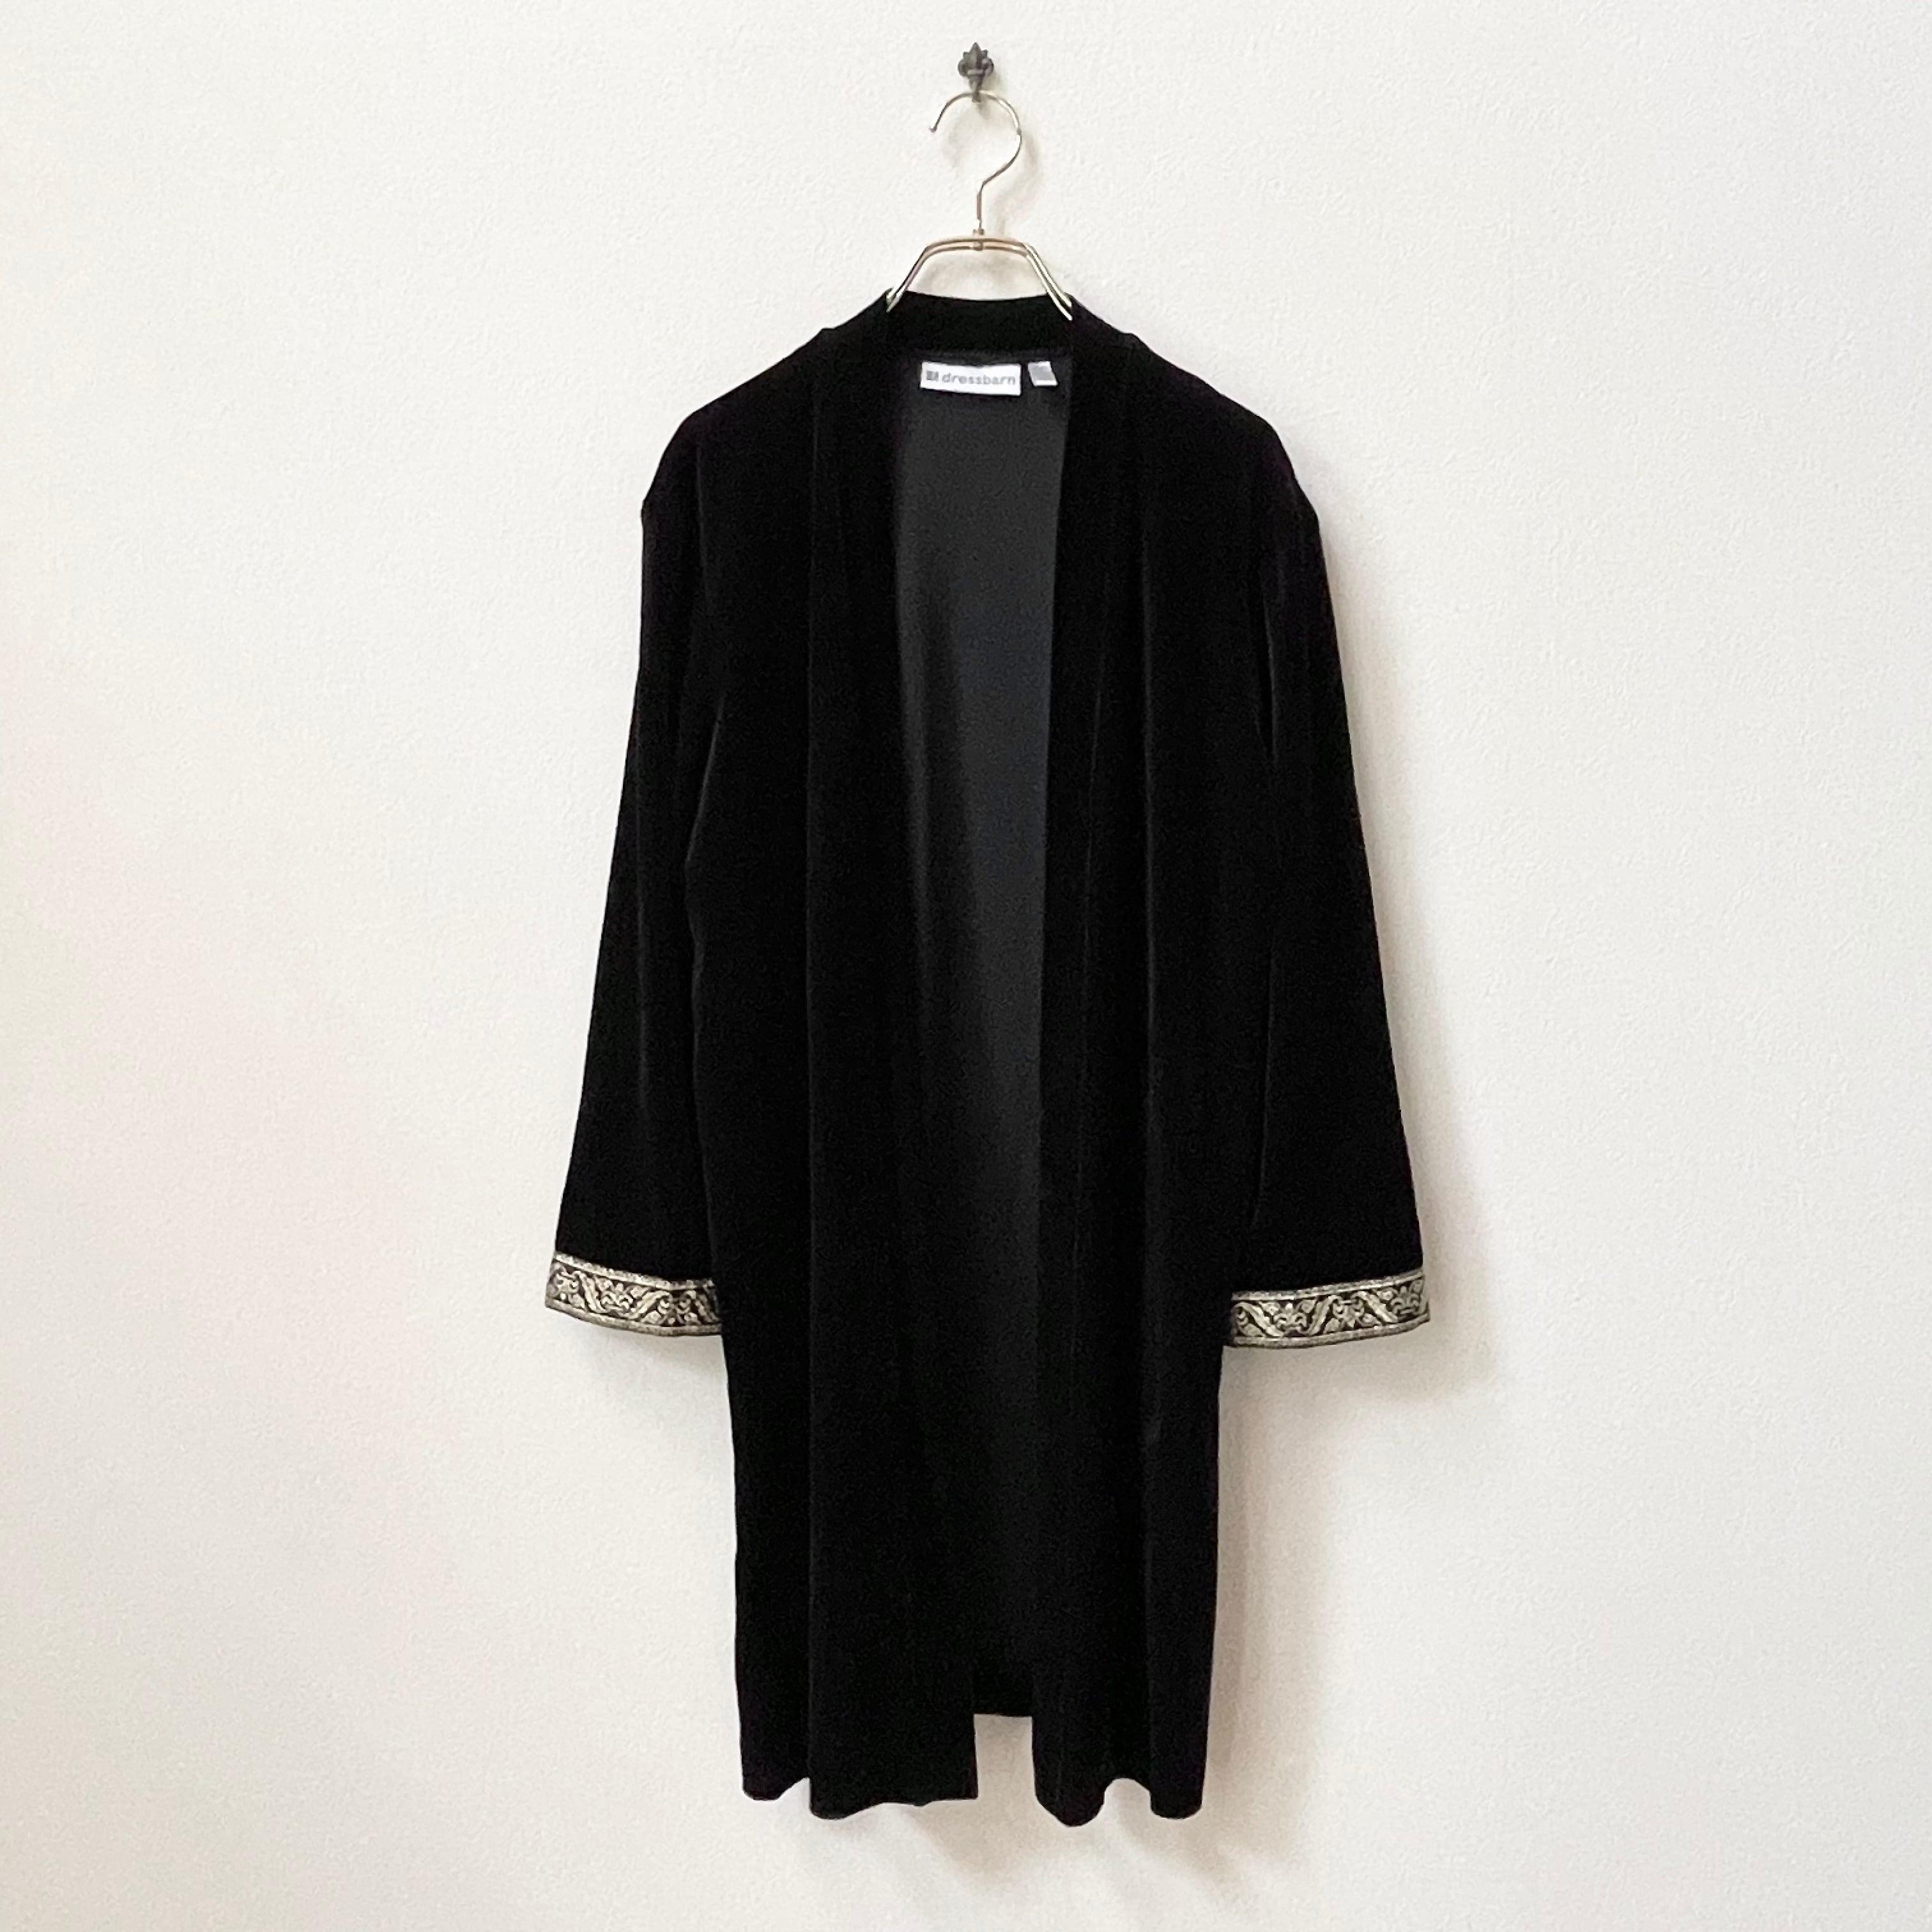 90年代 dressbarn オリエンタル ベロア ロングジャケット アメリカ 古着 日本L